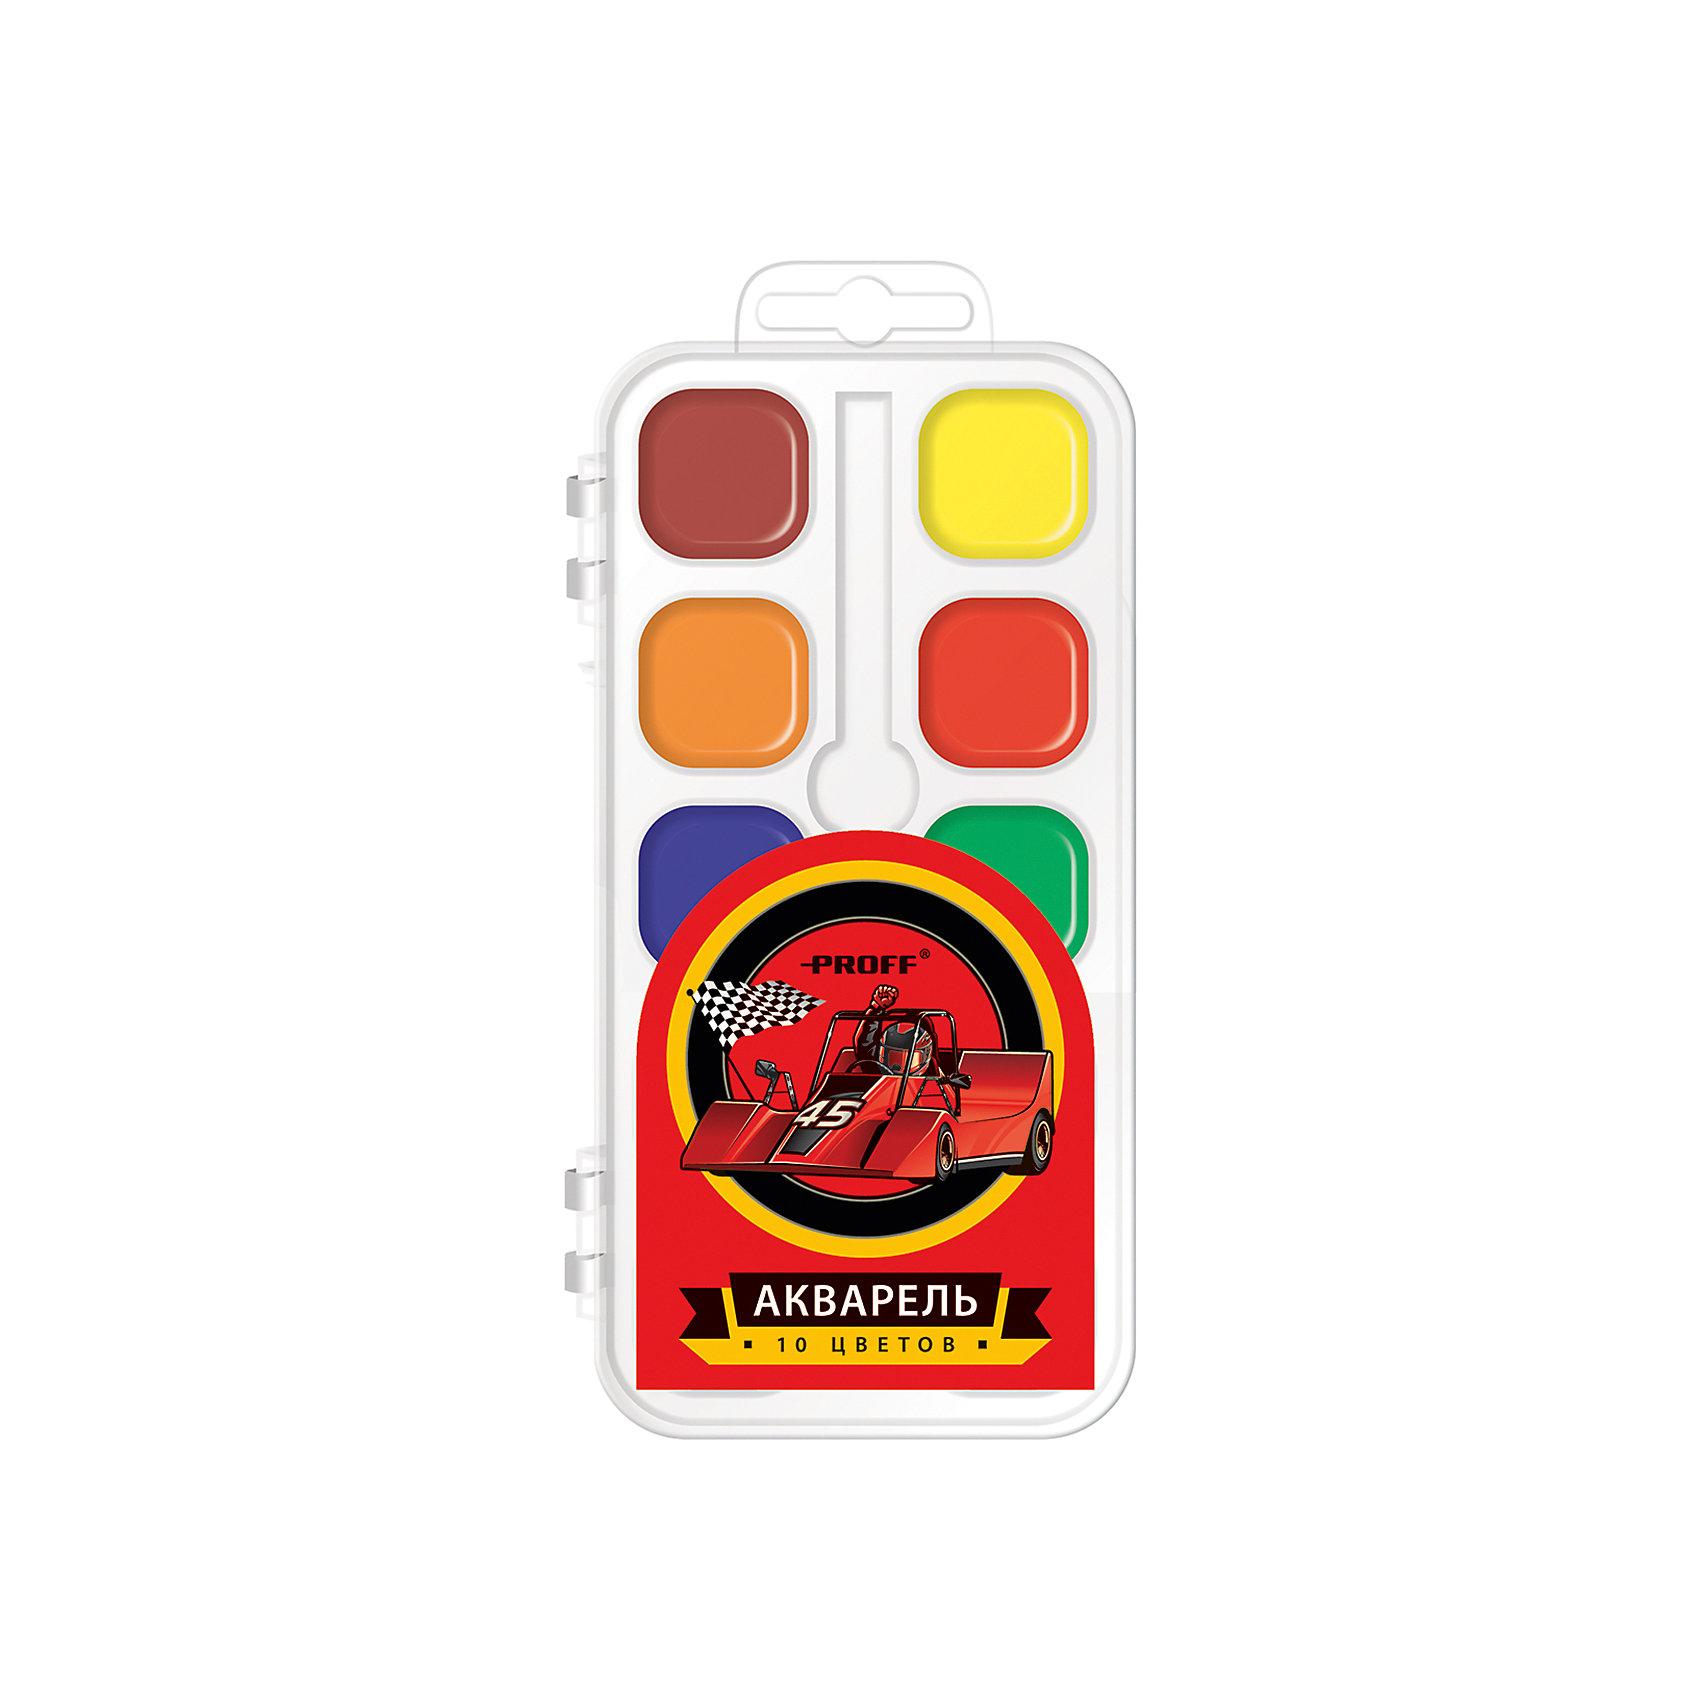 Краски акварельные медовые Racing, 10 цветовАкварельные краски Racing, Proff, хорошо подойдут как для школьных занятий так и для детского творчества в свободное время. В наборе 10 акварельных медовых красок, упакованных в пластиковую коробочку-контейнер с изображением гоночного автомобиля. Краски легко размываются, создавая прозрачный цветной слой, легко смешиваются между собой, не крошатся и не смазываются, быстро сохнут. Кисточка в комплект не входит.<br><br>Дополнительная информация:<br><br>- В комплекте: 10 цветов.<br>- Размер упаковки: 15 х 2 х 8 см.<br>- Вес: 60 гр.<br><br>Краски акварельные медовые Racing, 10 цветов, Proff, можно купить в нашем интернет-магазине.<br><br>Ширина мм: 150<br>Глубина мм: 20<br>Высота мм: 80<br>Вес г: 60<br>Возраст от месяцев: 72<br>Возраст до месяцев: 144<br>Пол: Мужской<br>Возраст: Детский<br>SKU: 4601772